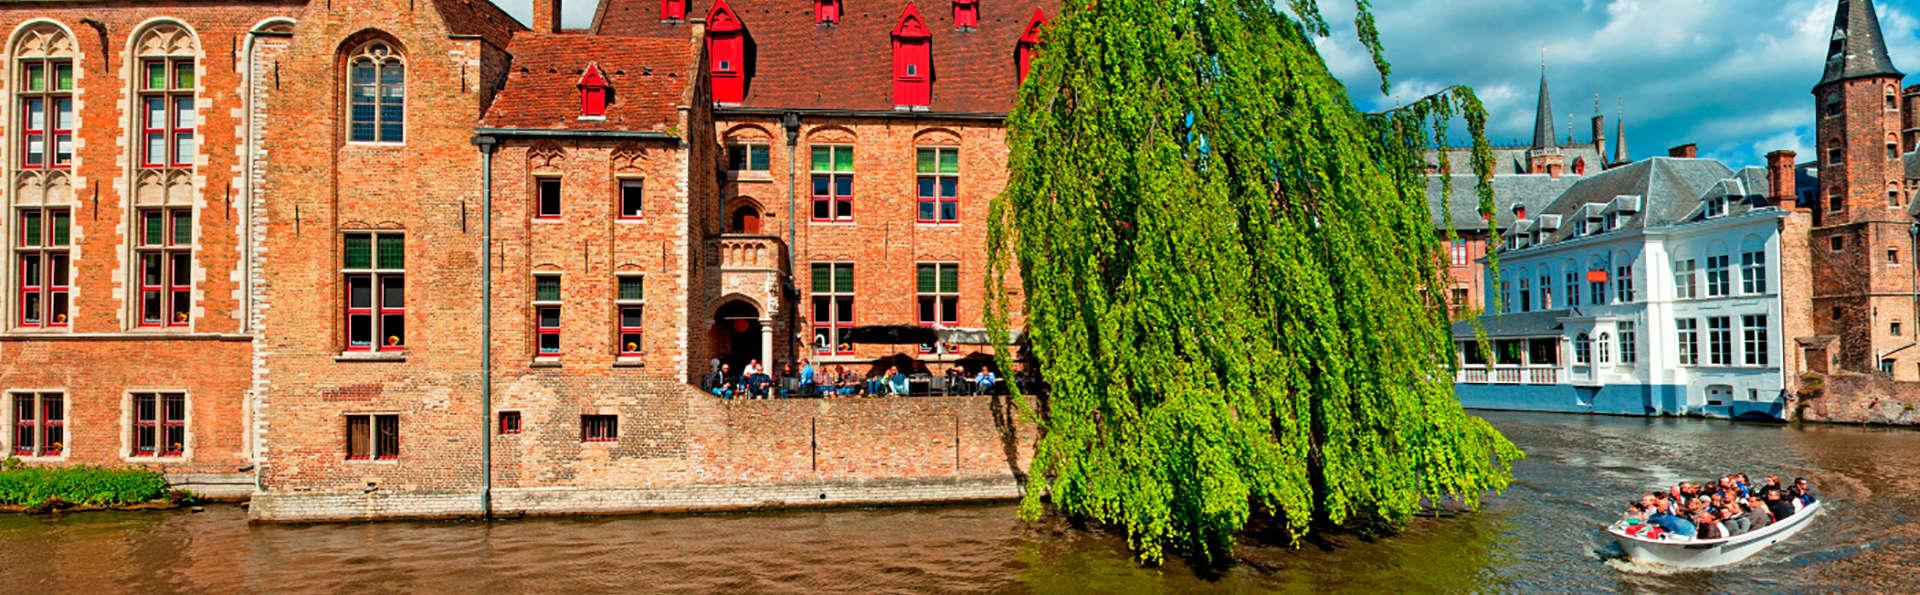 Citytrip au cœur de la magnifique ville de Bruges